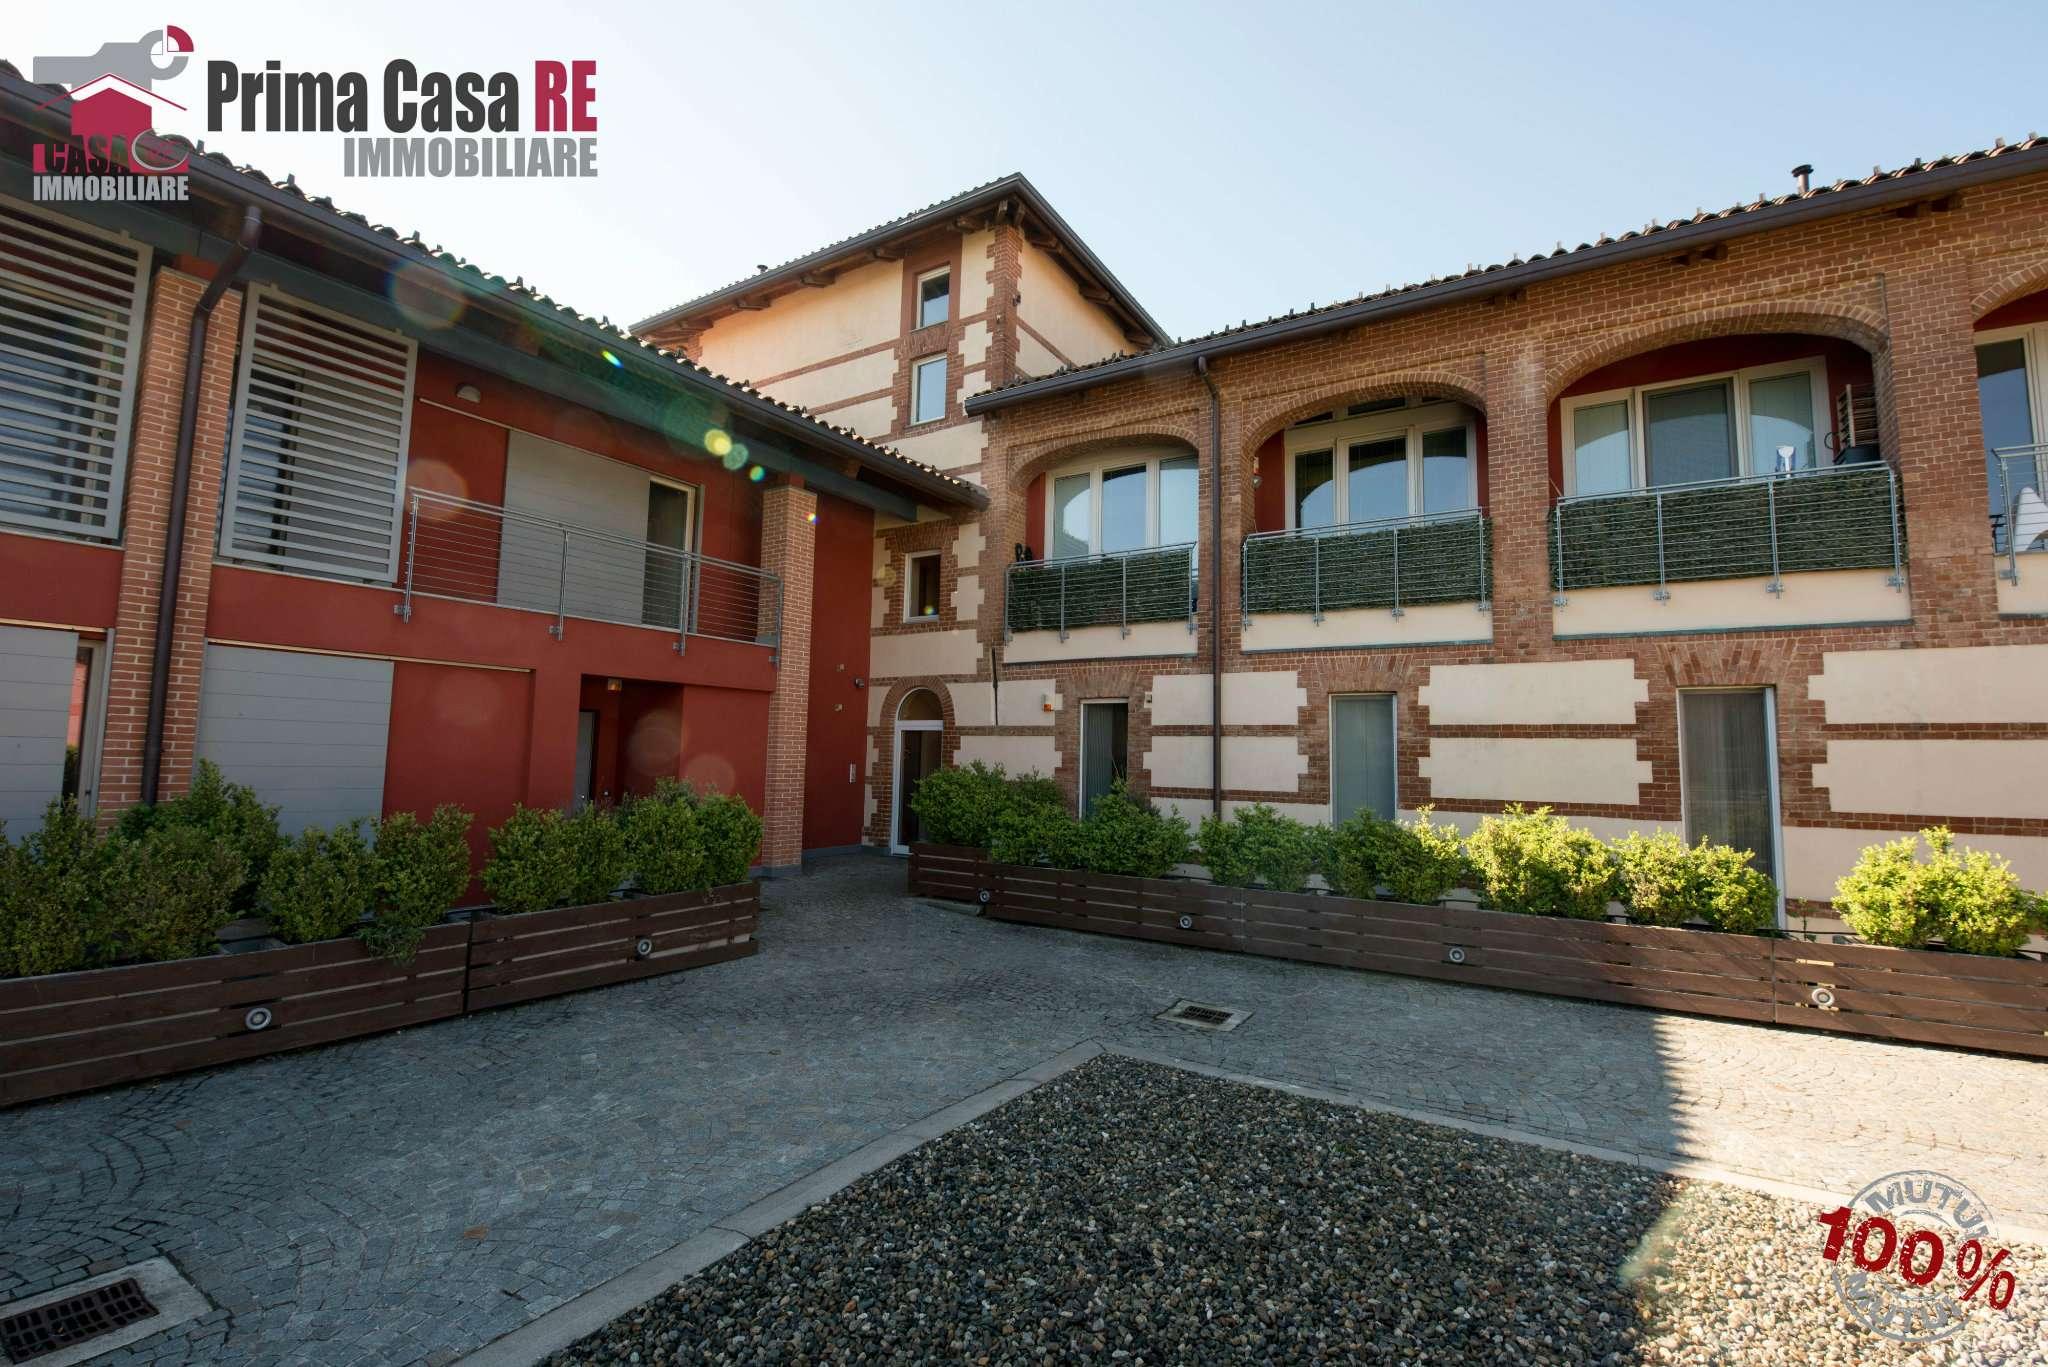 Attico / Mansarda in affitto a Volpiano, 3 locali, prezzo € 600 | CambioCasa.it